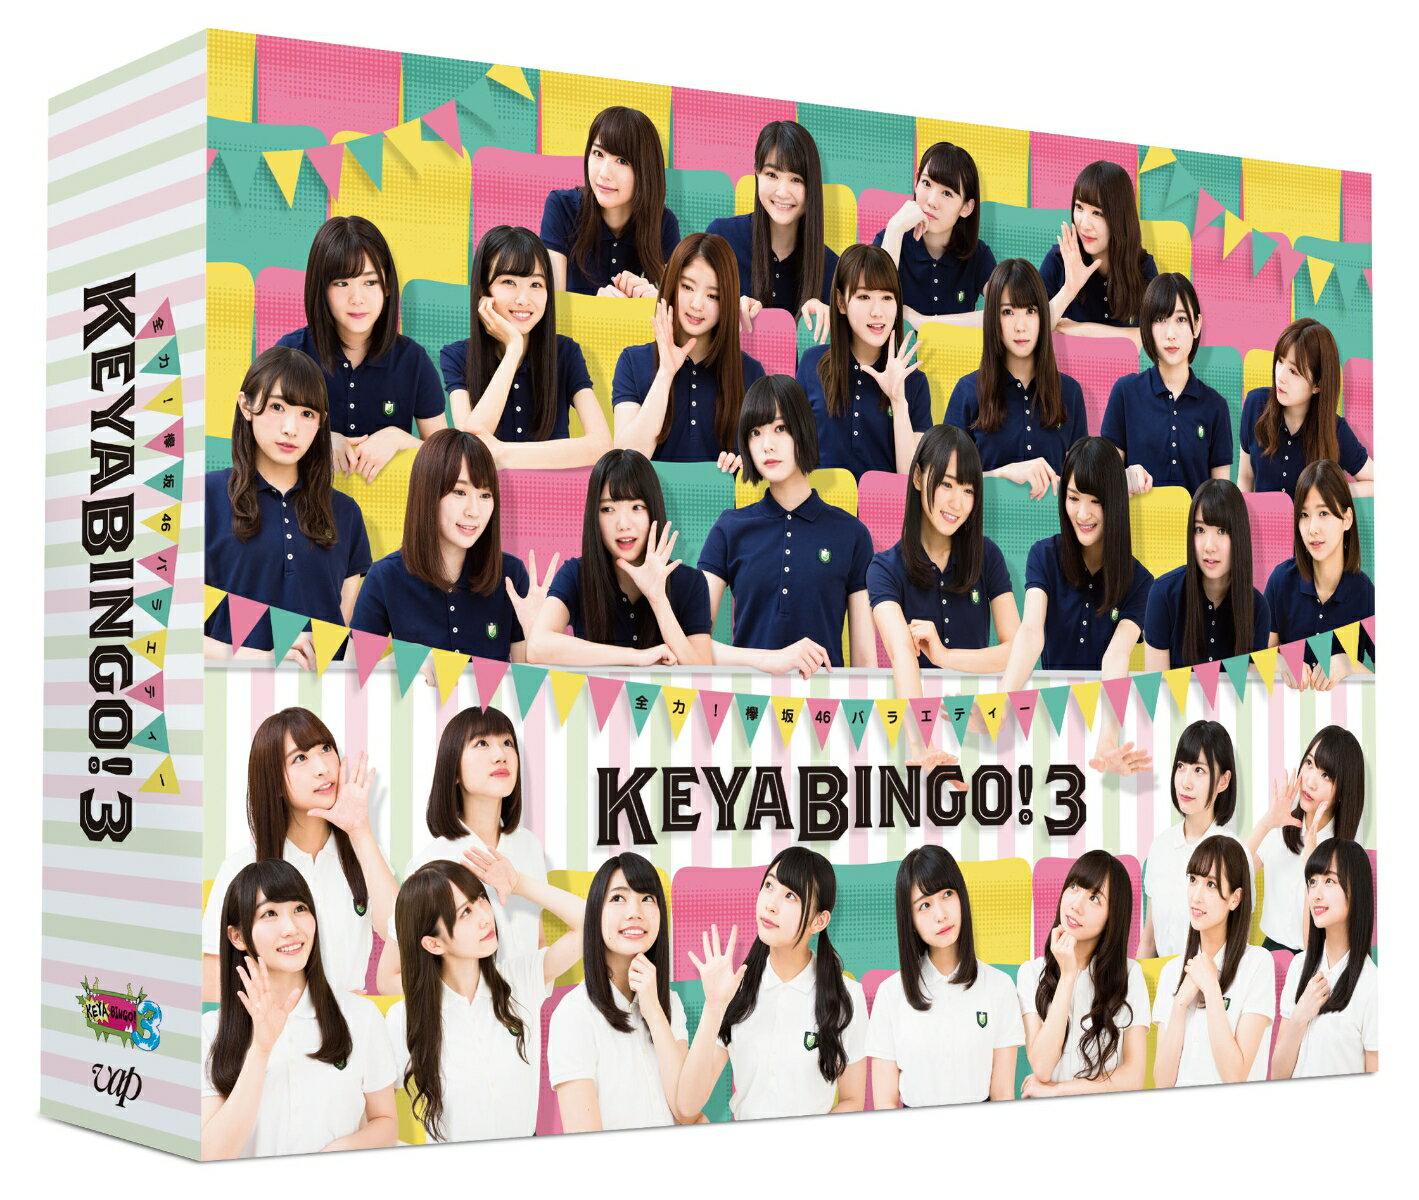 全力!欅坂46バラエティー KEYABINGO!3 Blu-ray BOX【Blu-ray】 [ 欅坂46 ]